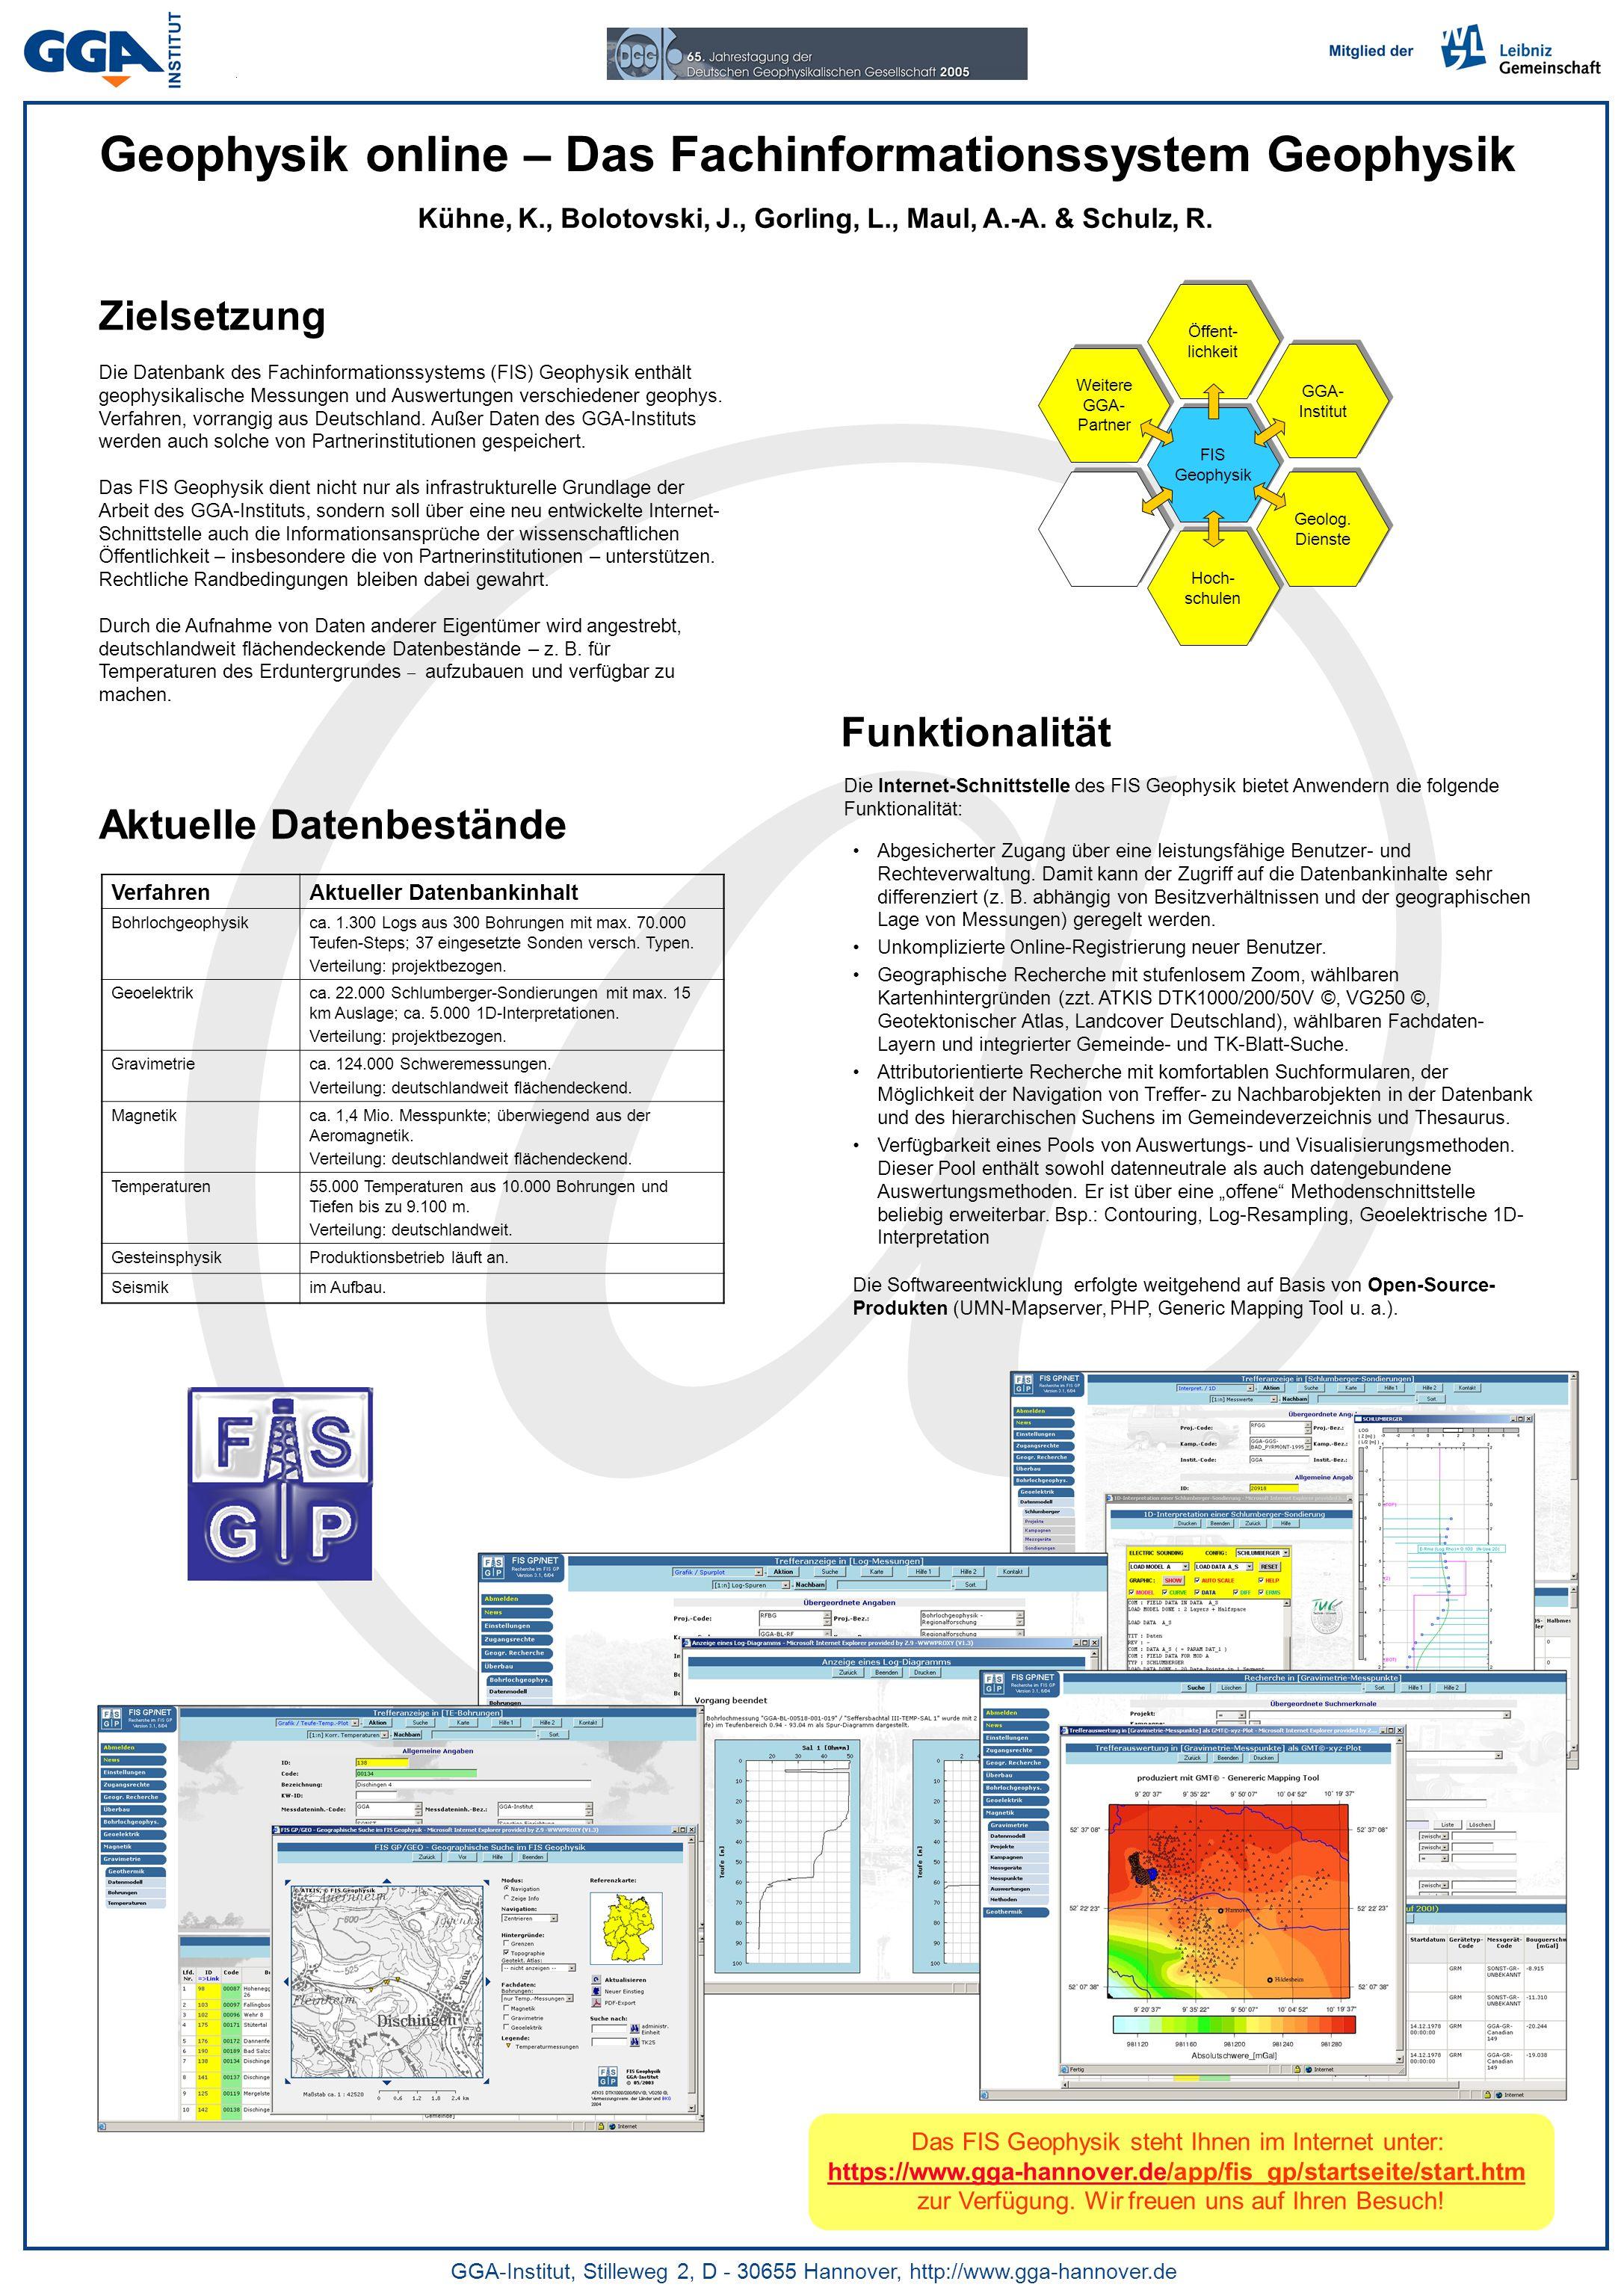 GGA-Institut, Stilleweg 2, D - 30655 Hannover, http://www.gga-hannover.de @ Geophysik online – Das Fachinformationssystem Geophysik Kühne, K., Bolotovski, J., Gorling, L., Maul, A.-A.